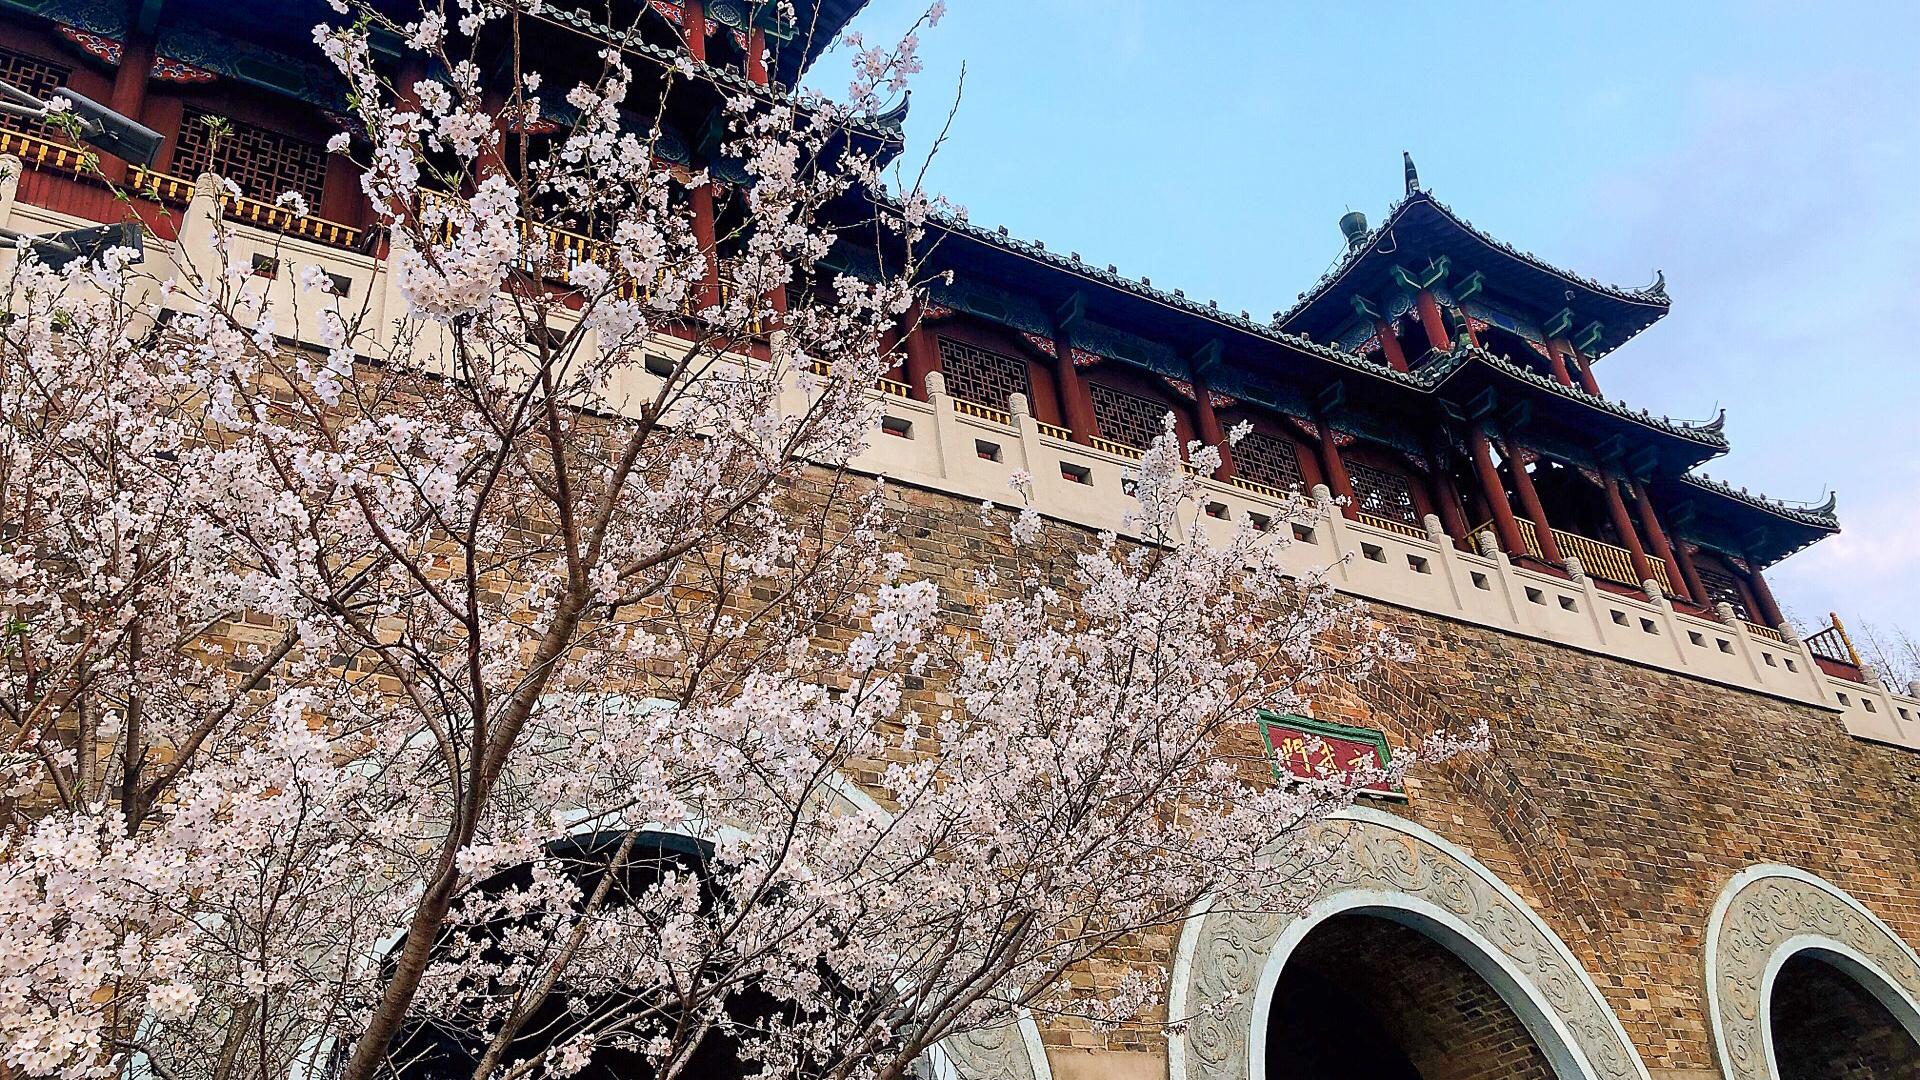 南京踏青时节非常值得去的景区,不是夫子庙,也不是秦淮河